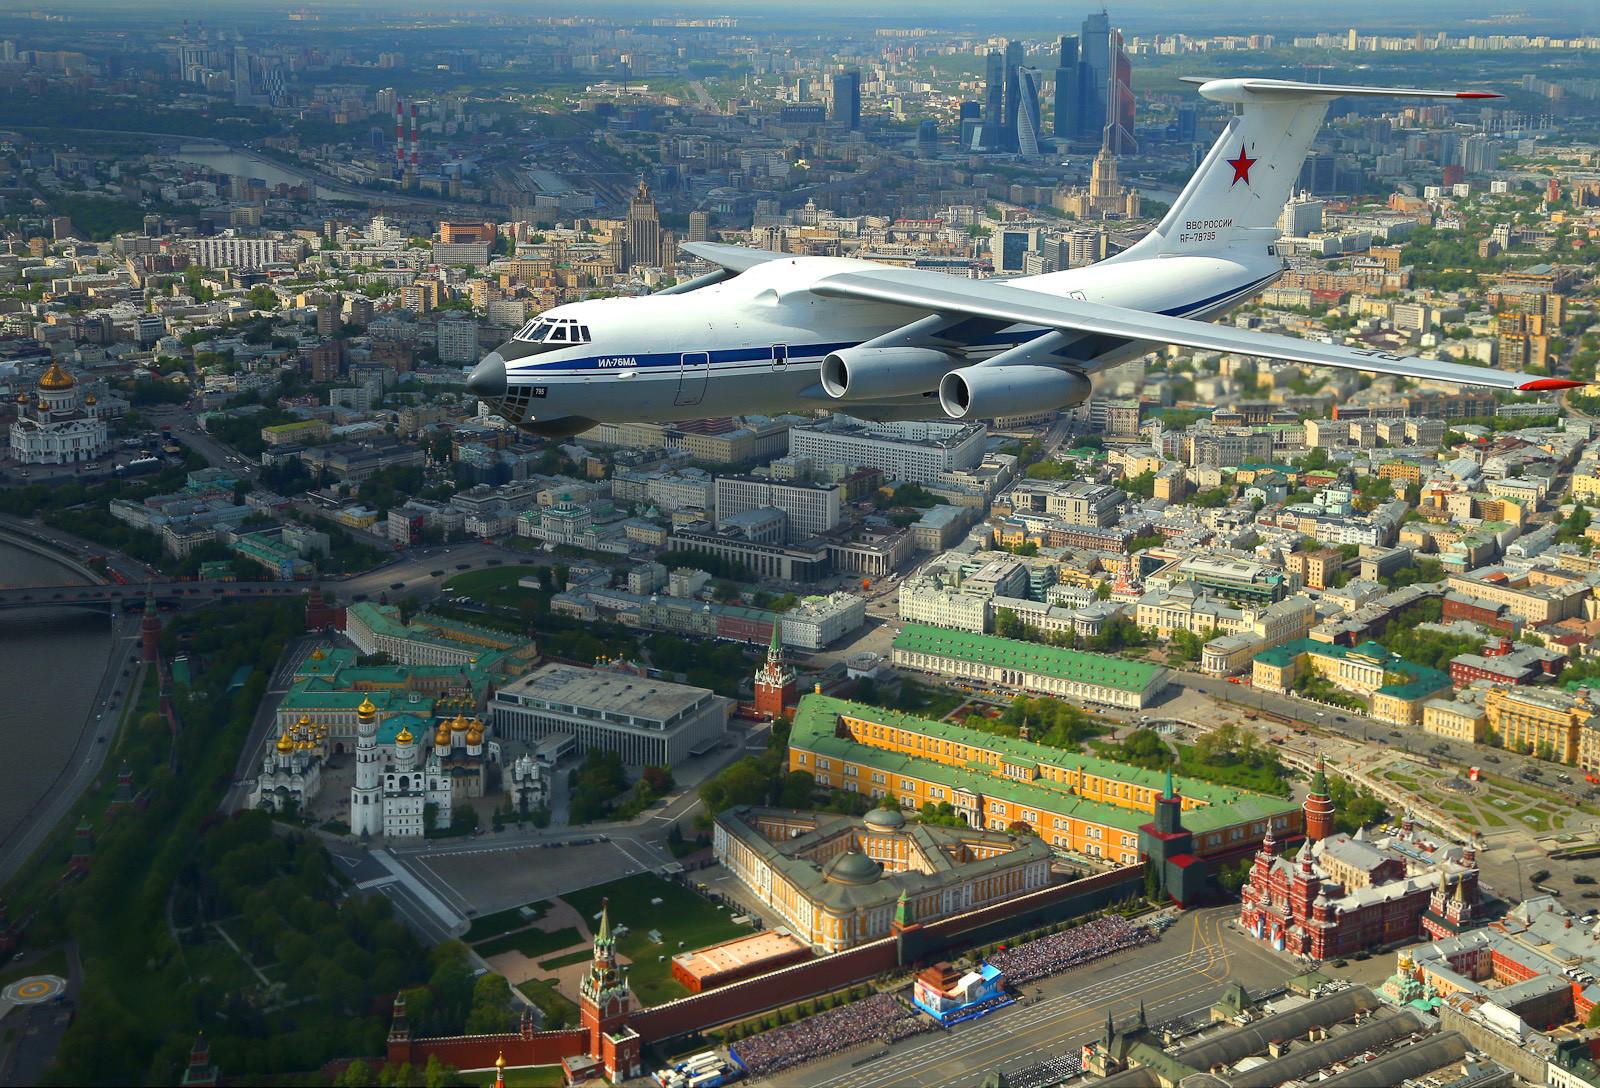 多用途4発ターボファン戦略航空機Il-76、クレムリン上空にて